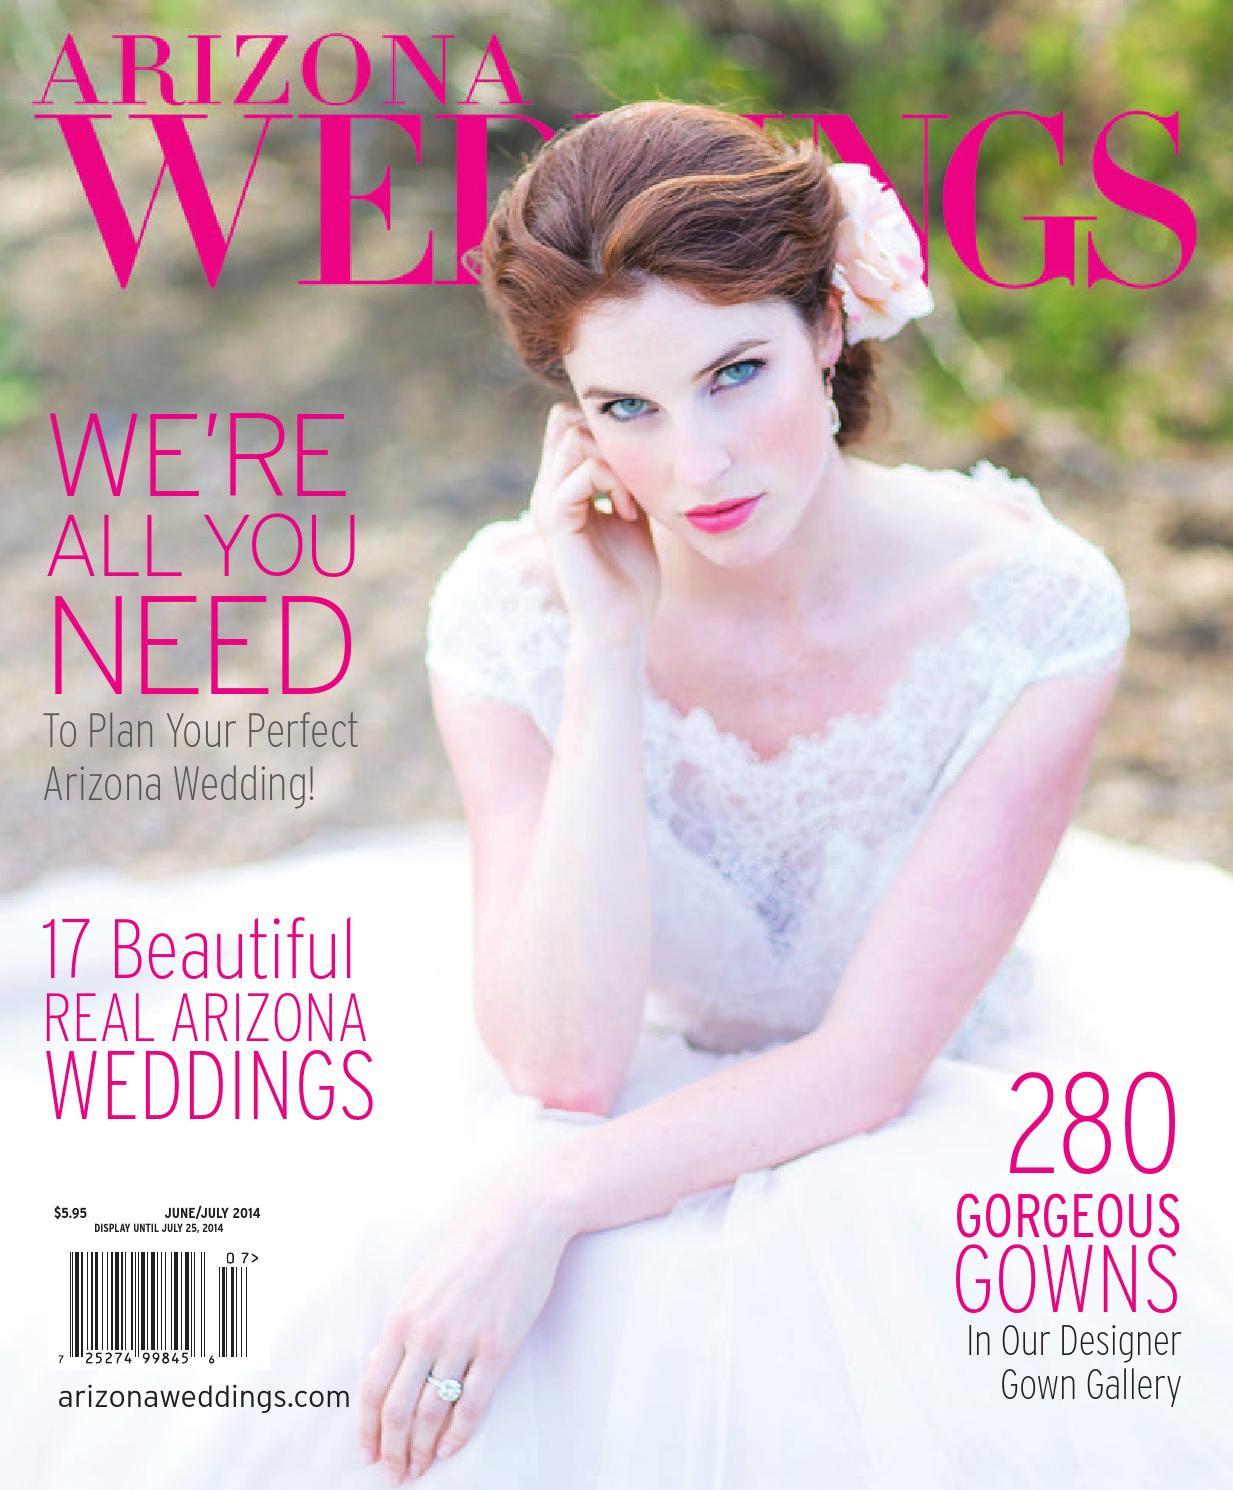 Arizona weddings magazine by arizona weddings magazine website arizona weddings magazine by arizona weddings magazine website issuu junglespirit Images